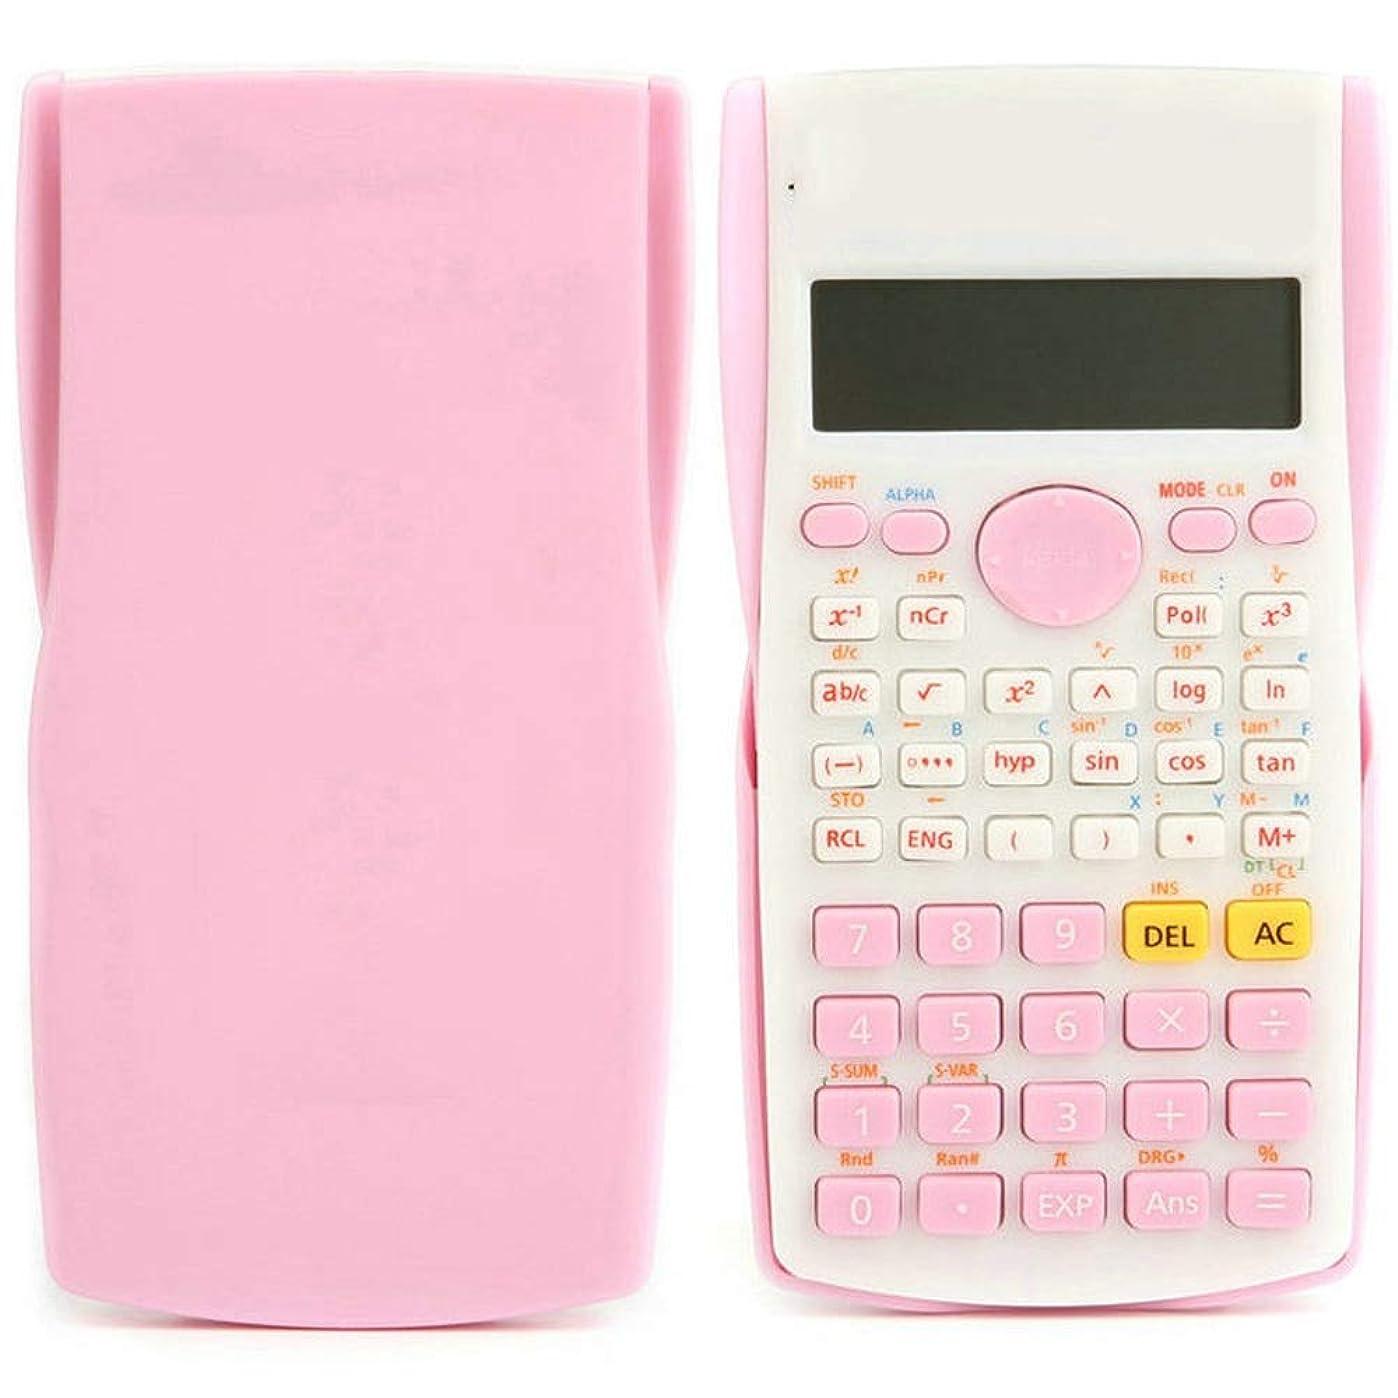 マウント決済梨電子式電卓 多機能科学計算機 コンパクトポータブル (色 : ピンク)